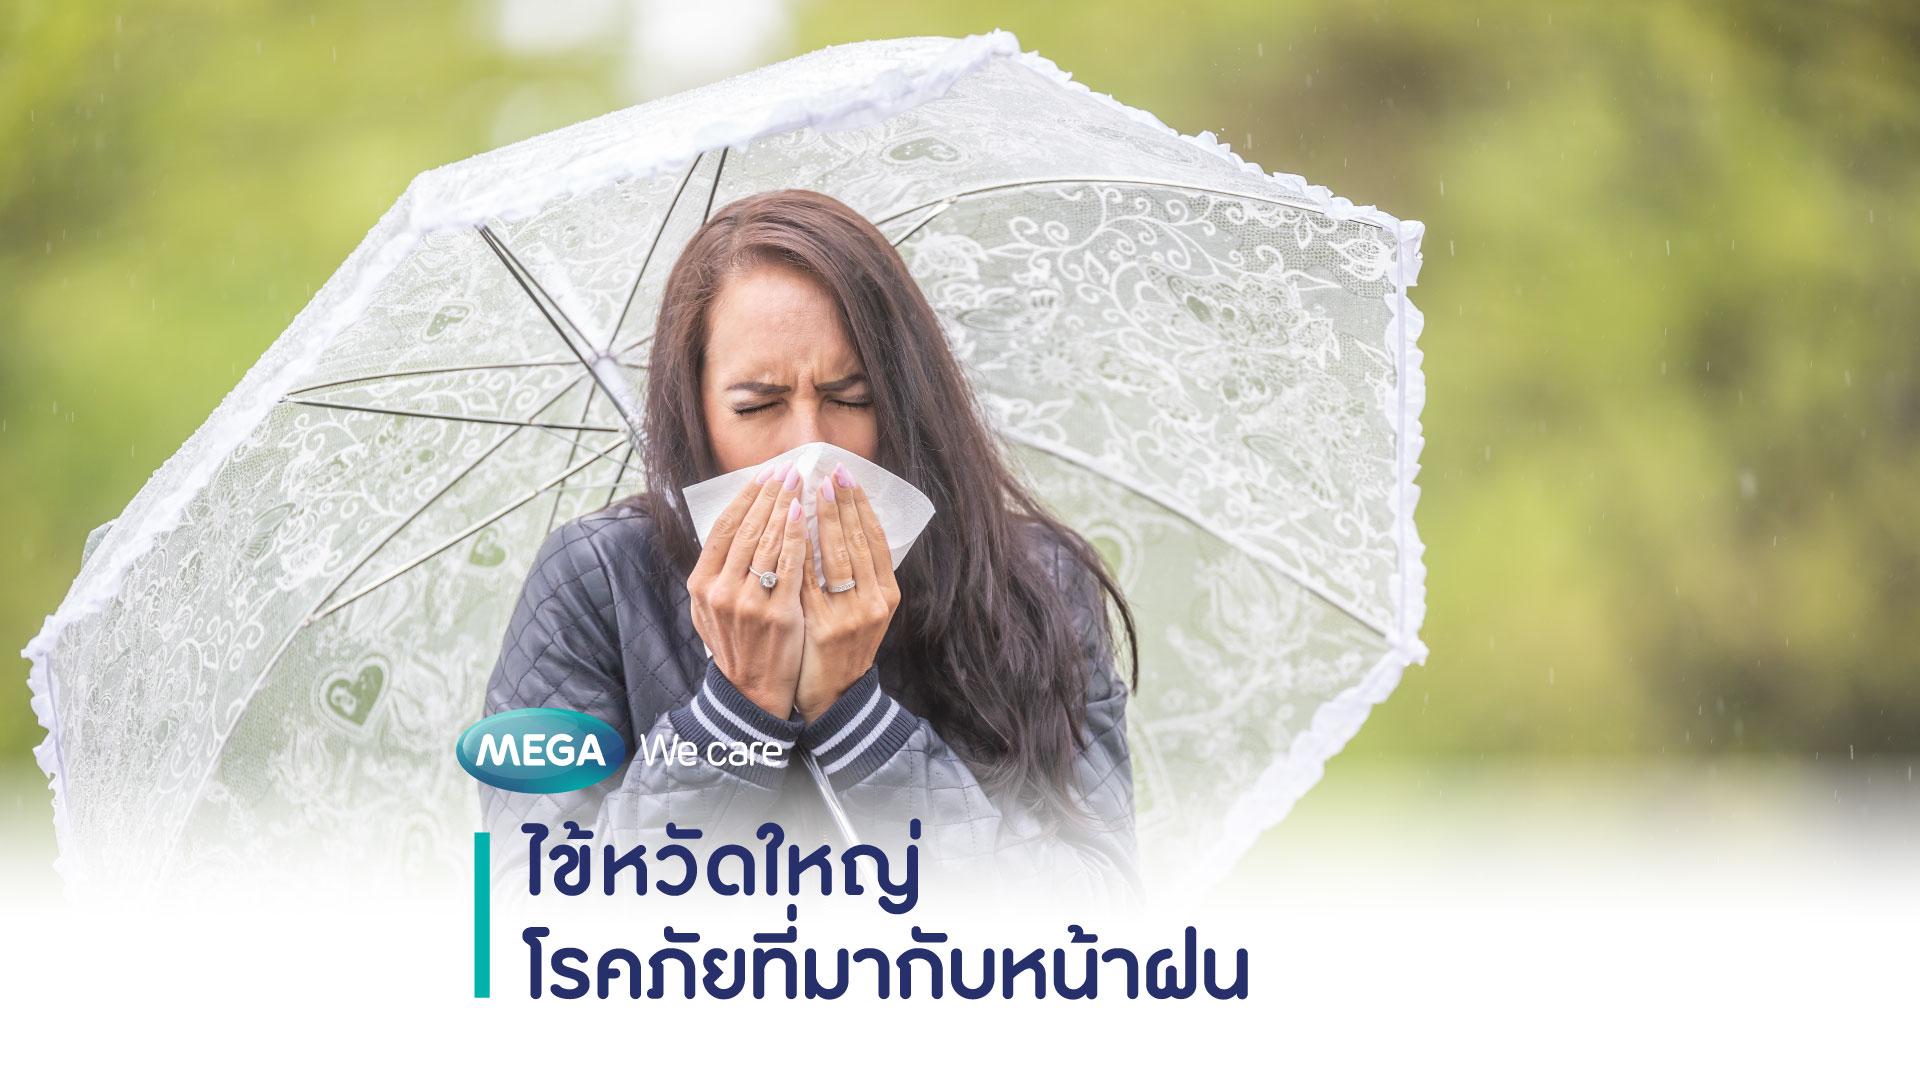 ไข้หวัดใหญ่ โรคภัยที่มากับหน้าฝน